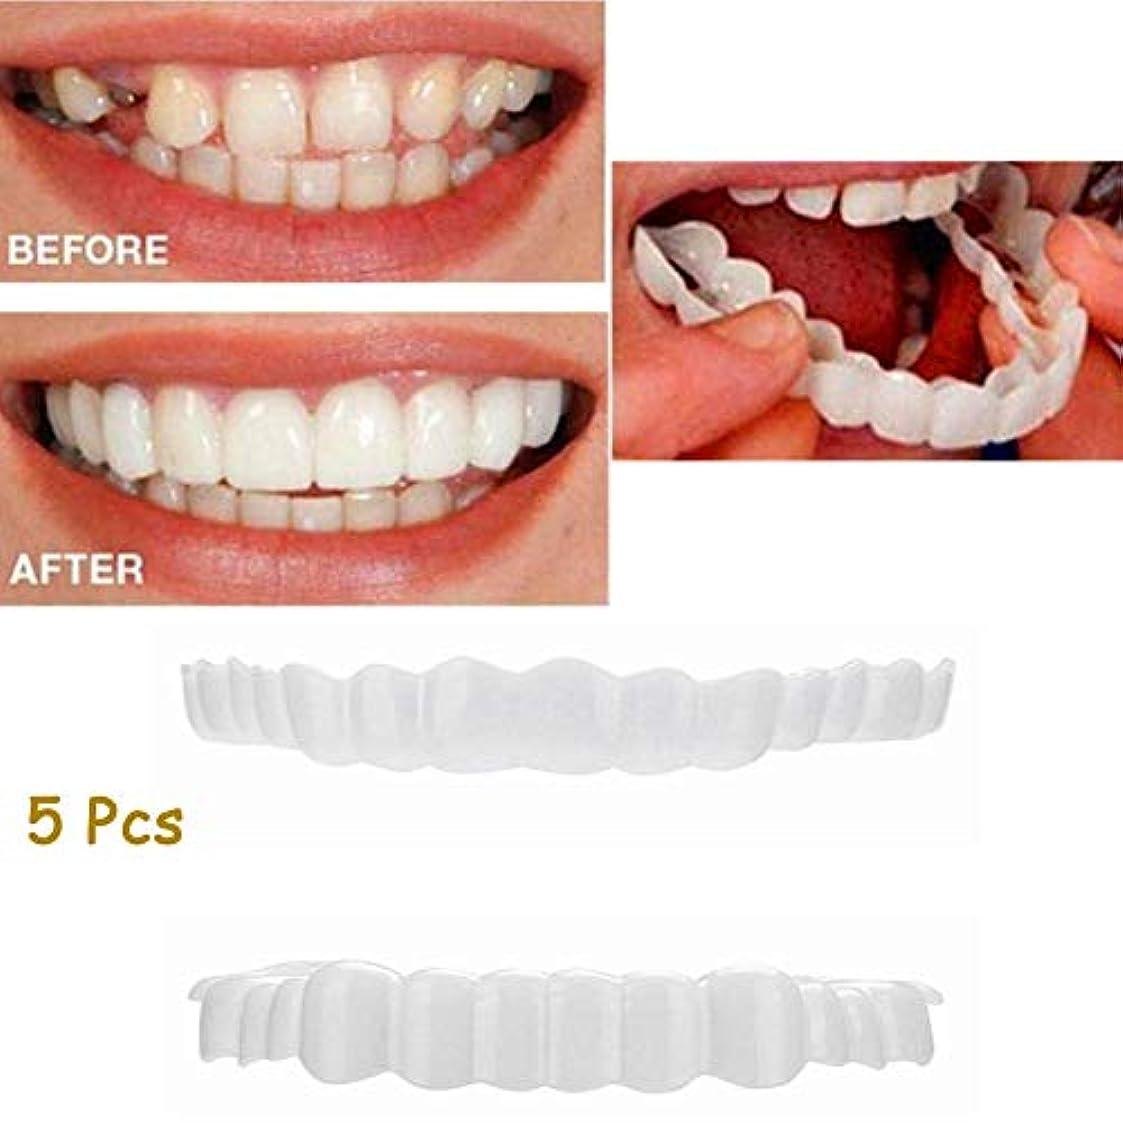 カートリッジエスニックバルーン5ピース上歯+下歯セットインスタントパーフェクトコンフォートフィットフレックス化粧品歯入れ歯歯ホワイトニングスマイルフェイク歯